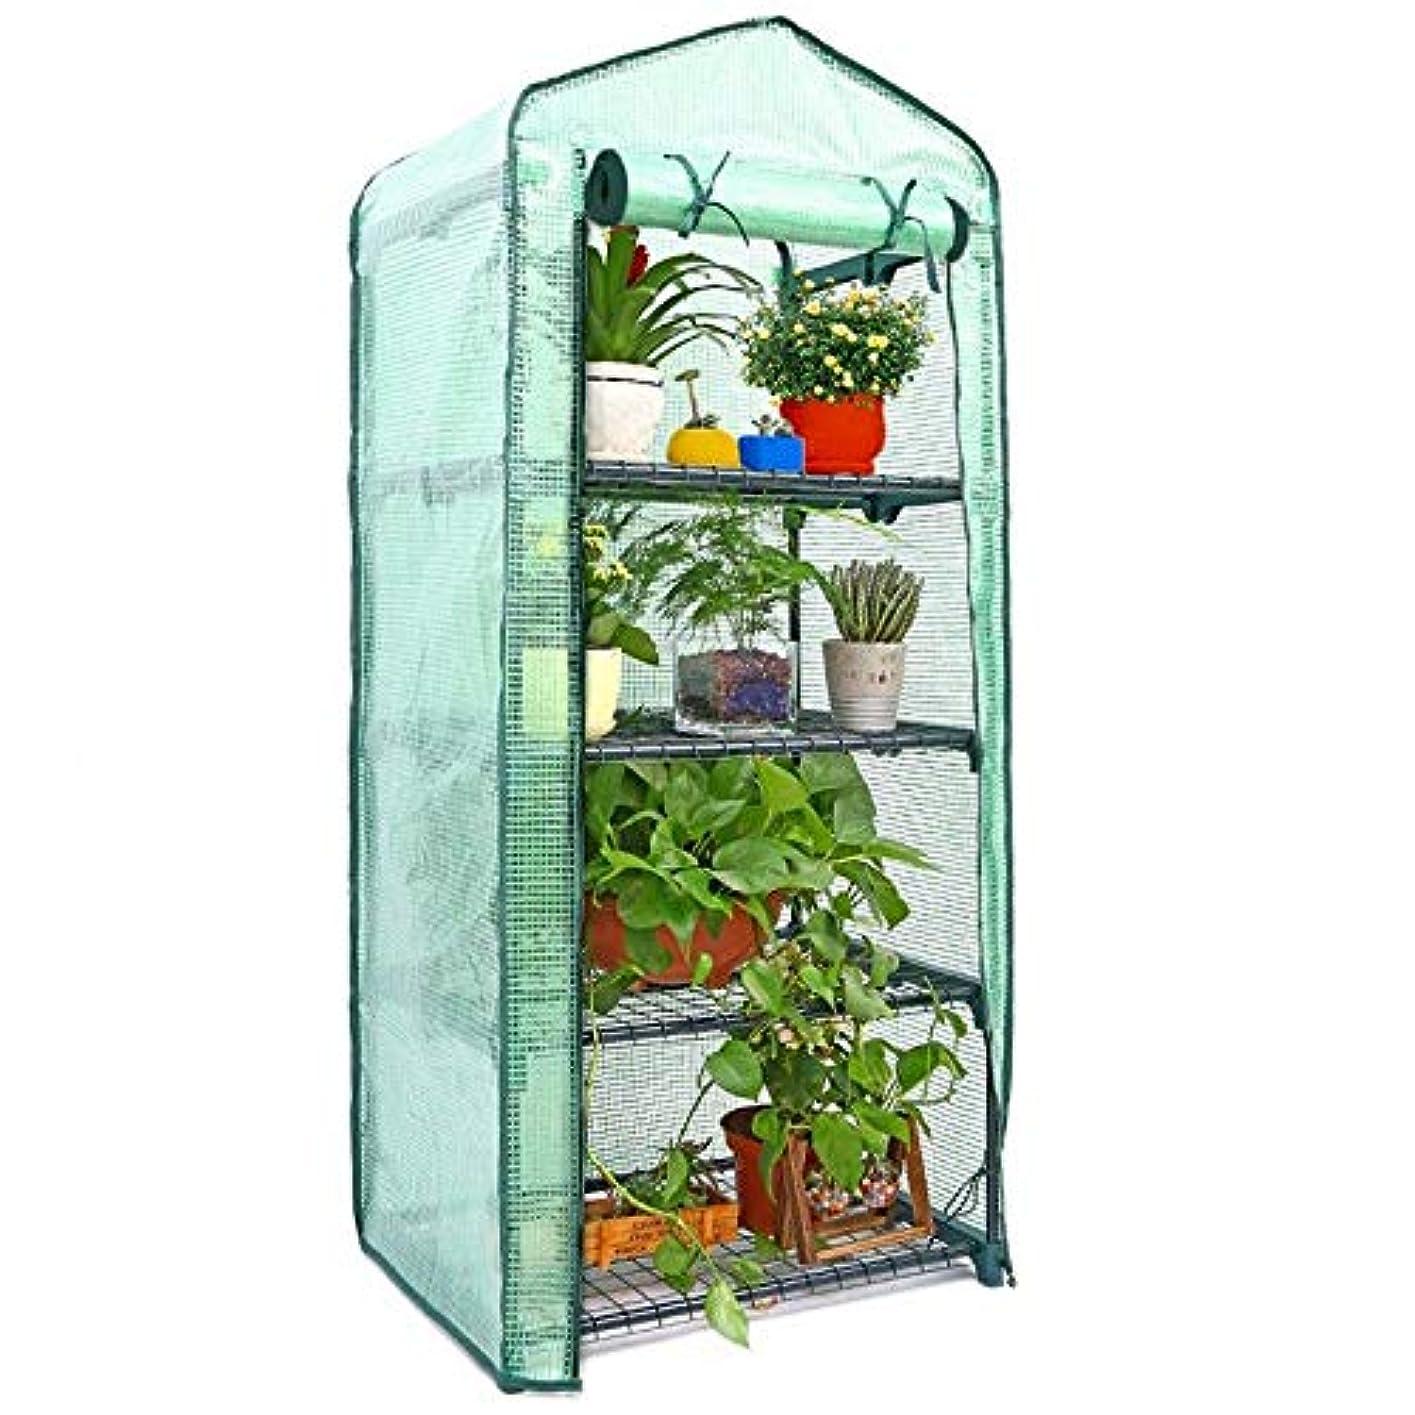 深く魅力ダメージTamkyo アウトドア、ガーデン、温室用植物カバー、日焼け止め、日よけ布、メッシュ層、Pe、家庭用テントとミニ園芸植物温室のカバー、フロア用